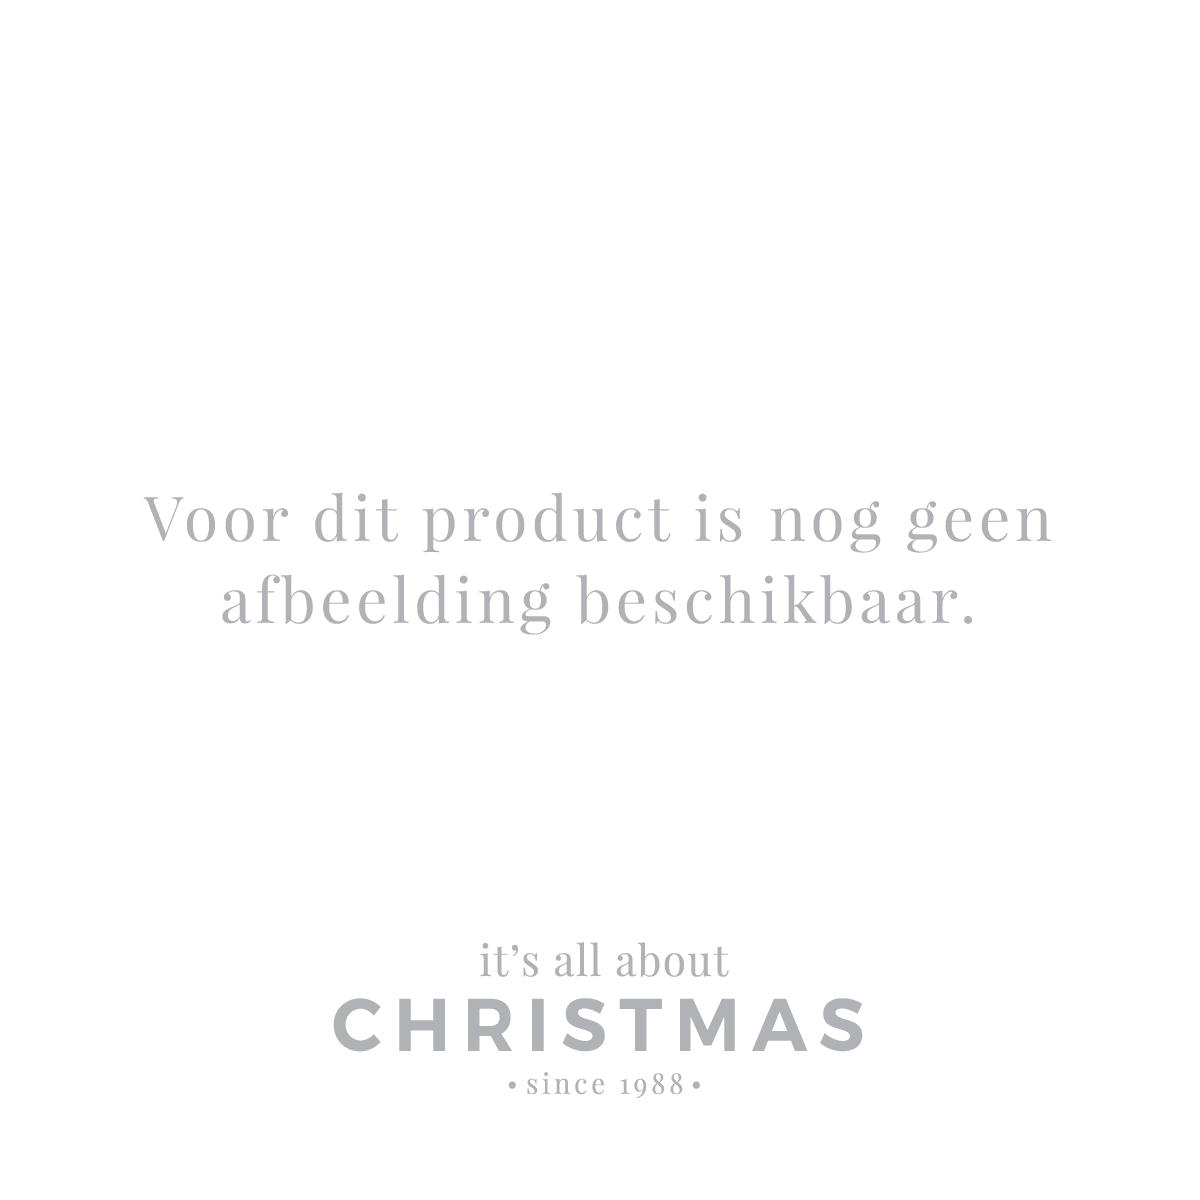 Aufbewahrungsbox Christbaumkugeln.44 Christbaumkugeln Glas Winterweiss It S All About Christmas